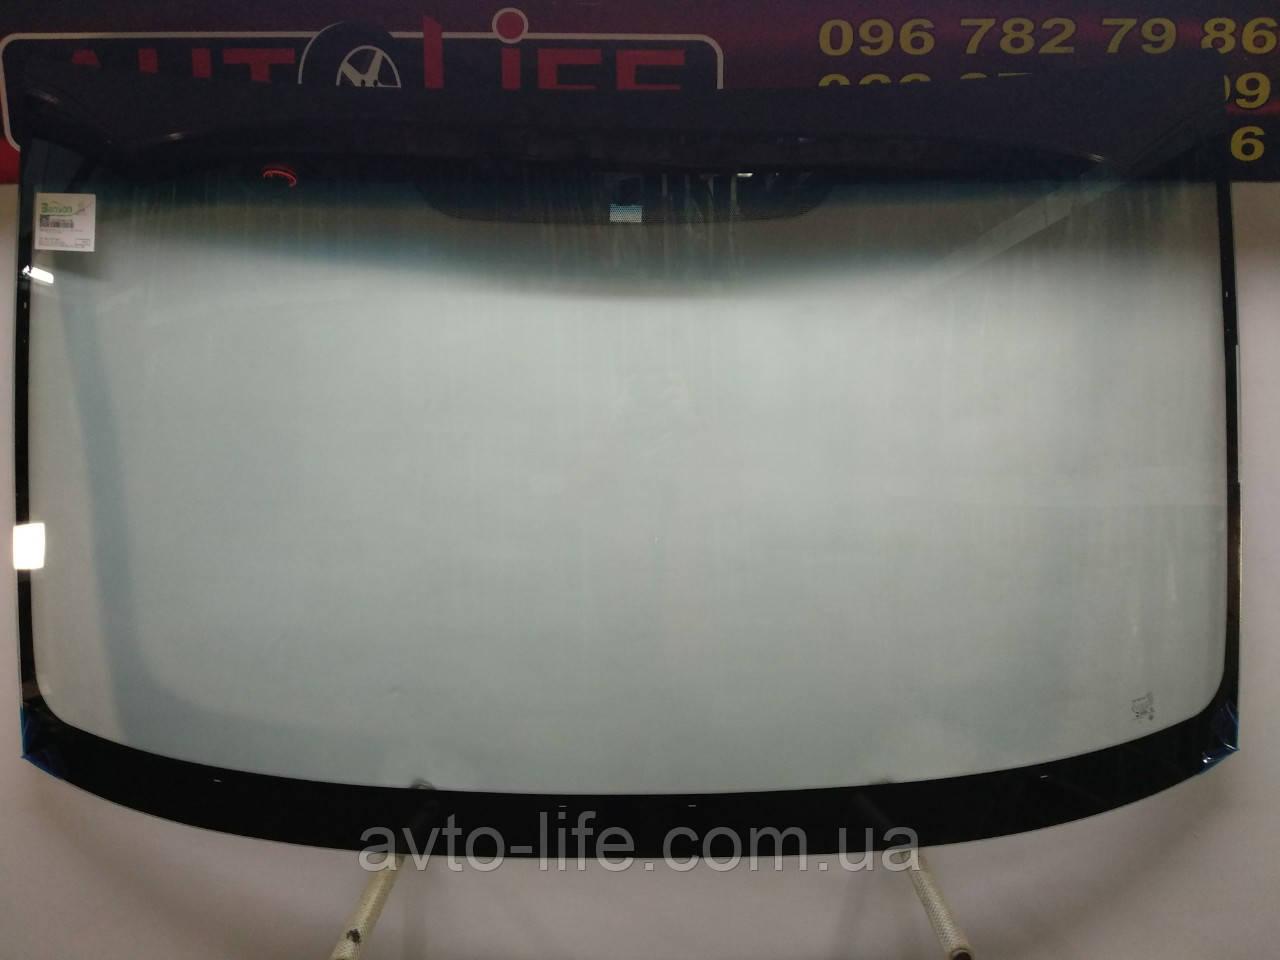 Лобовое стекло Mercedes Sprinter /VW Crafter (2006-)| Автостекло на Спринтер| Доставка по Украине | ГАРАНТИЯ